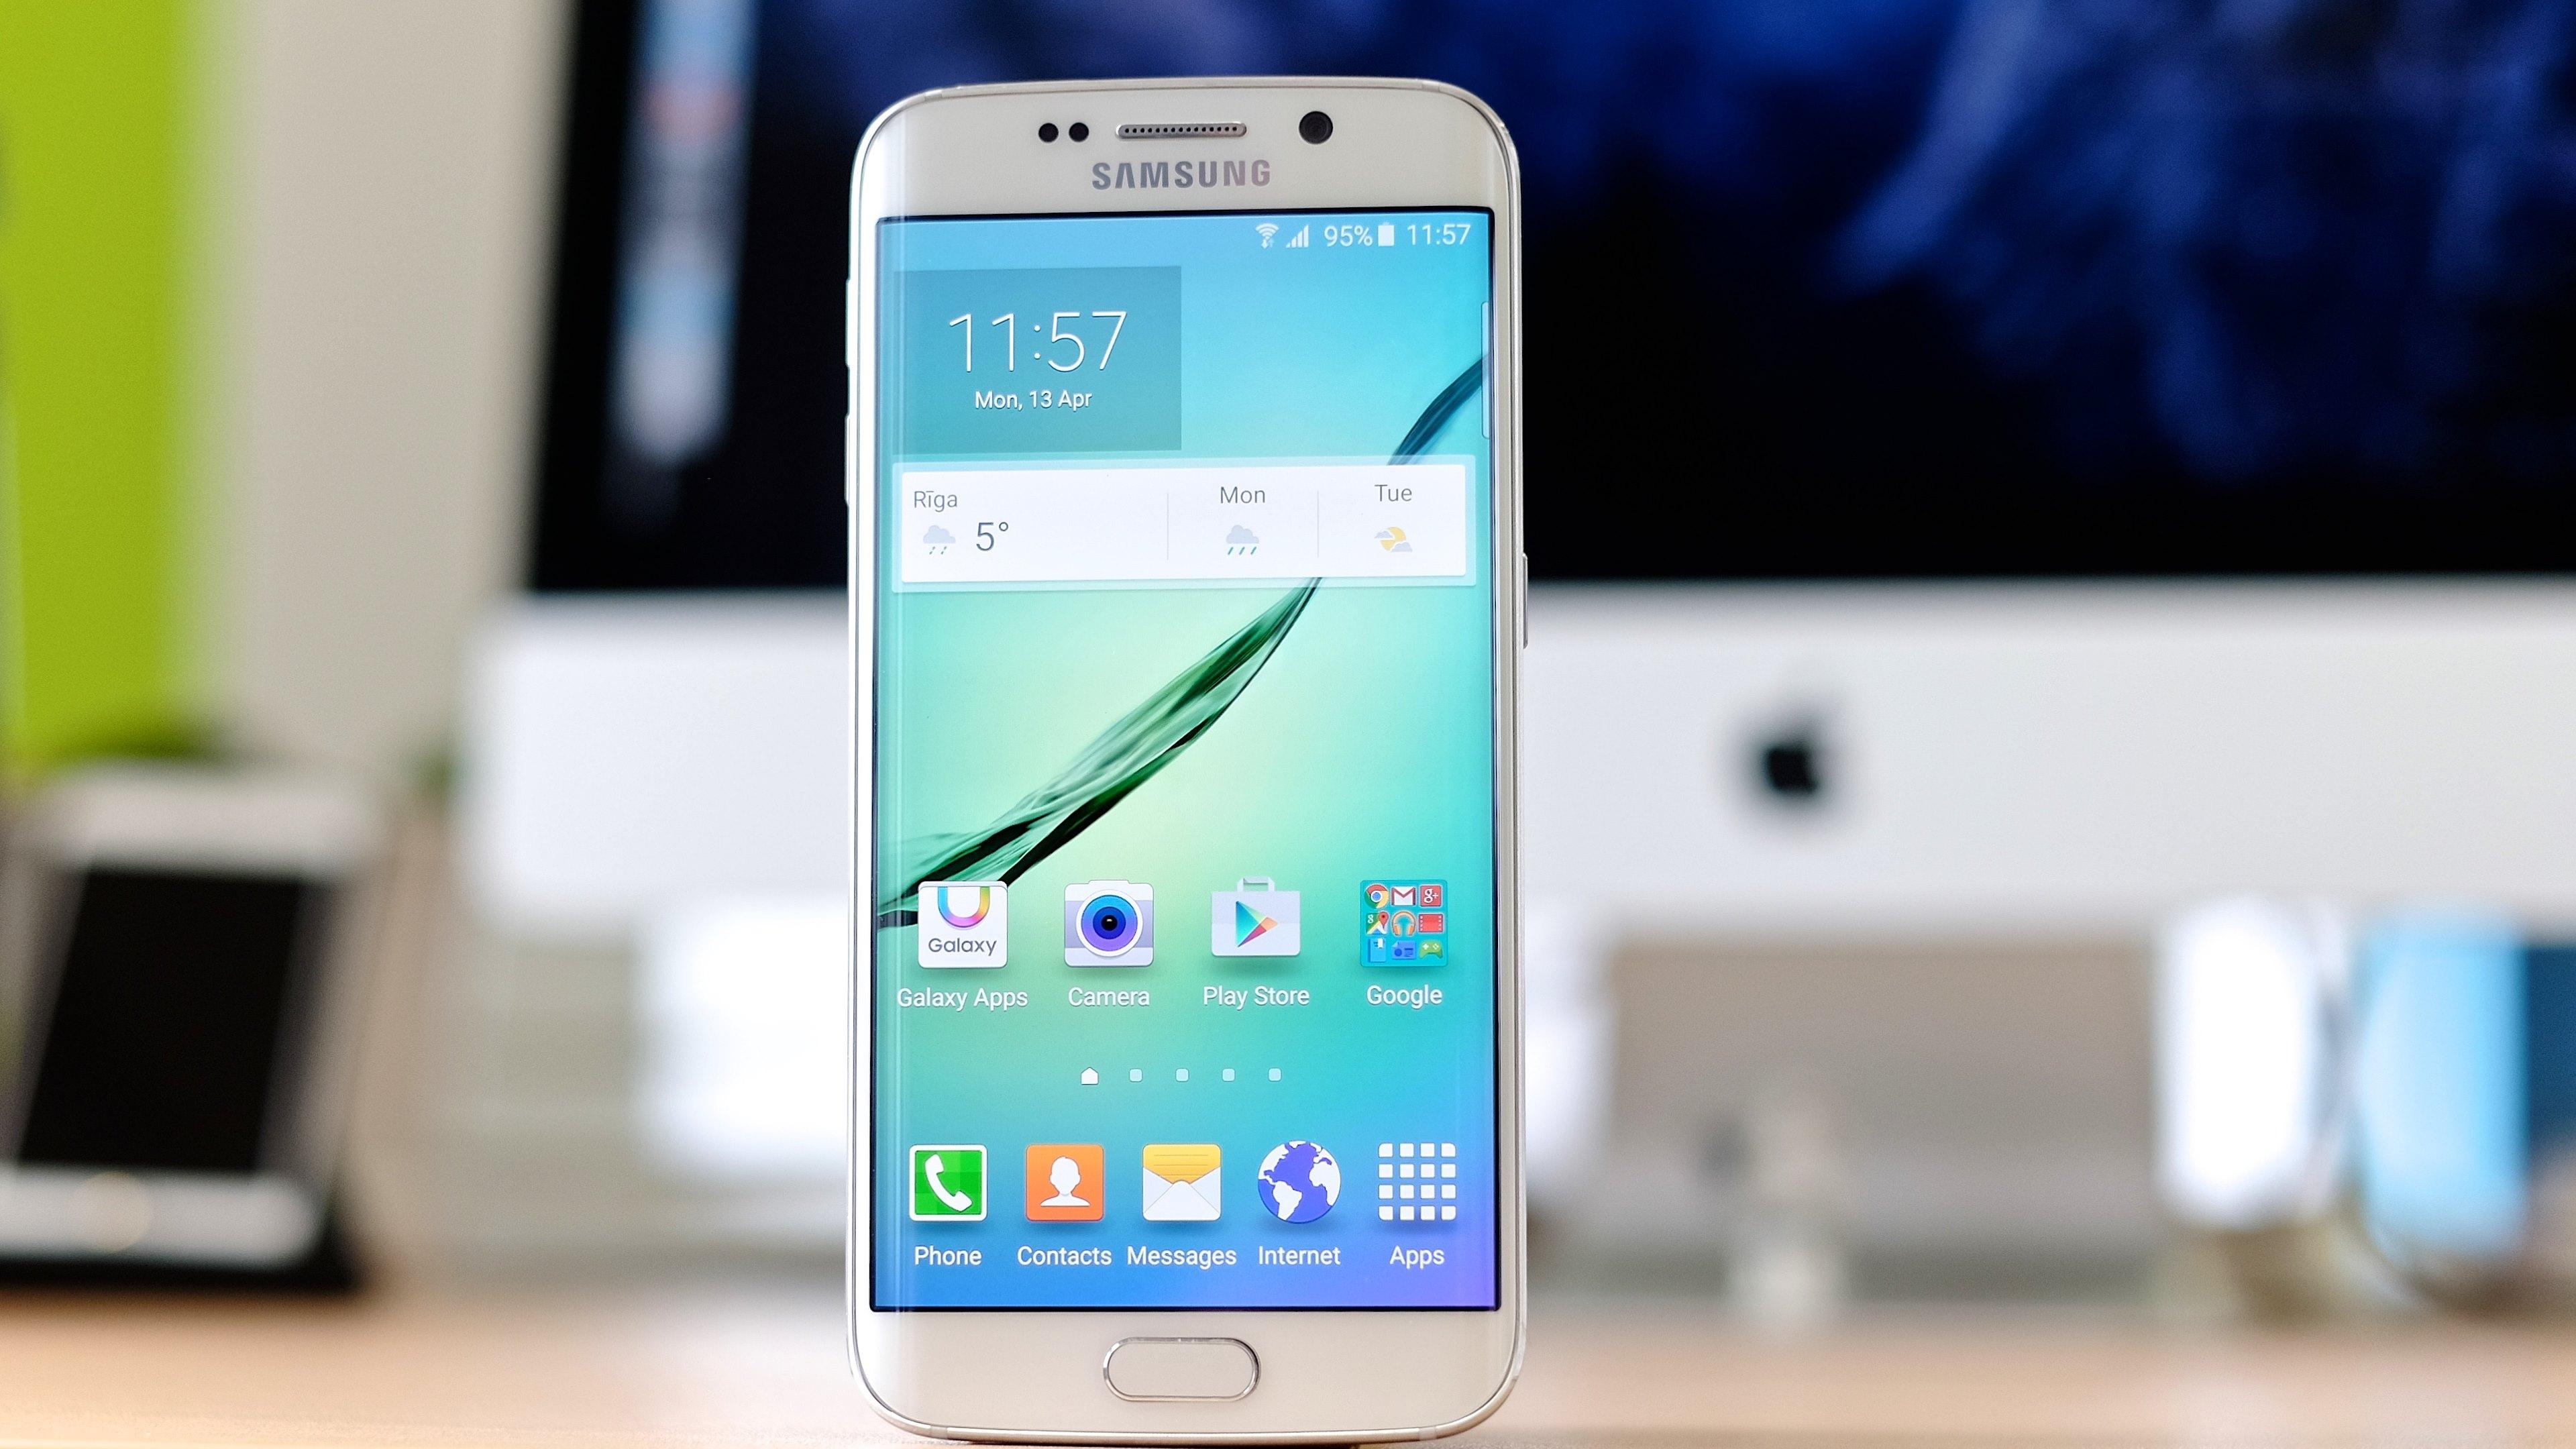 Come eseguire il root di un Samsung Galaxy S6 o Galaxy S6 Edge facilmente 1